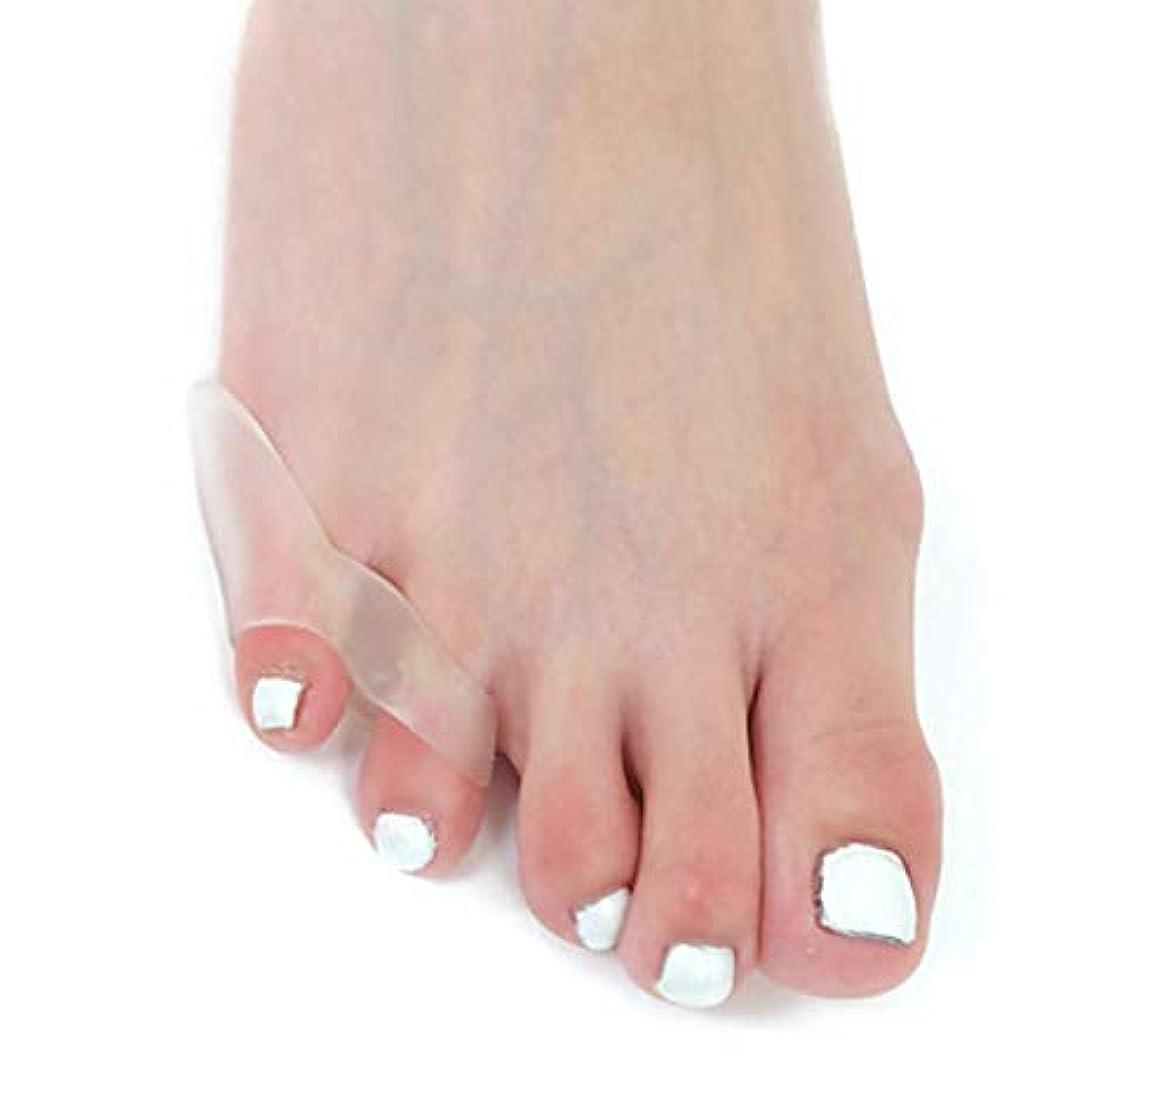 コインスープ完全にfoot protection 内反小趾 サポーター B(小指サポーター) 4個入り ないはんしょうし パッド インソール 矯正 サポーター 小指矯正 足小指 小指 シリコン (2)